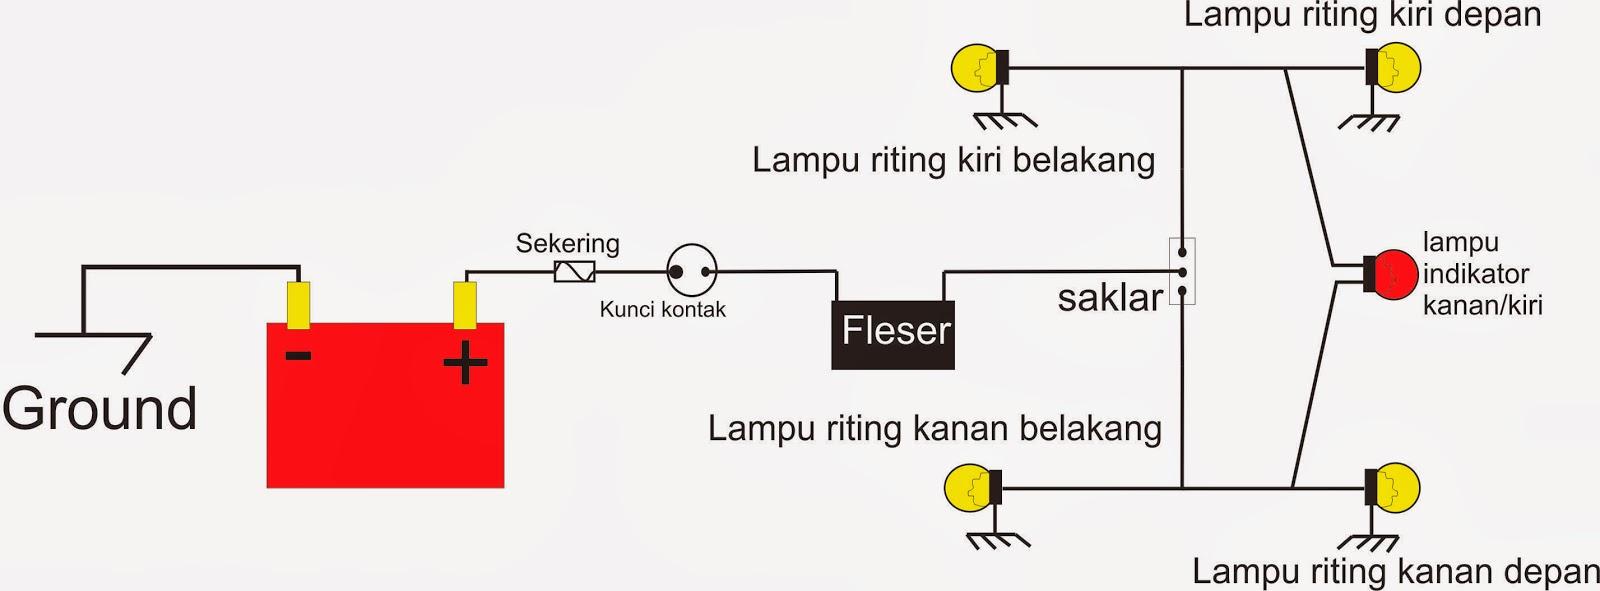 Skema    lampu       sein   reting ada 3 jenis